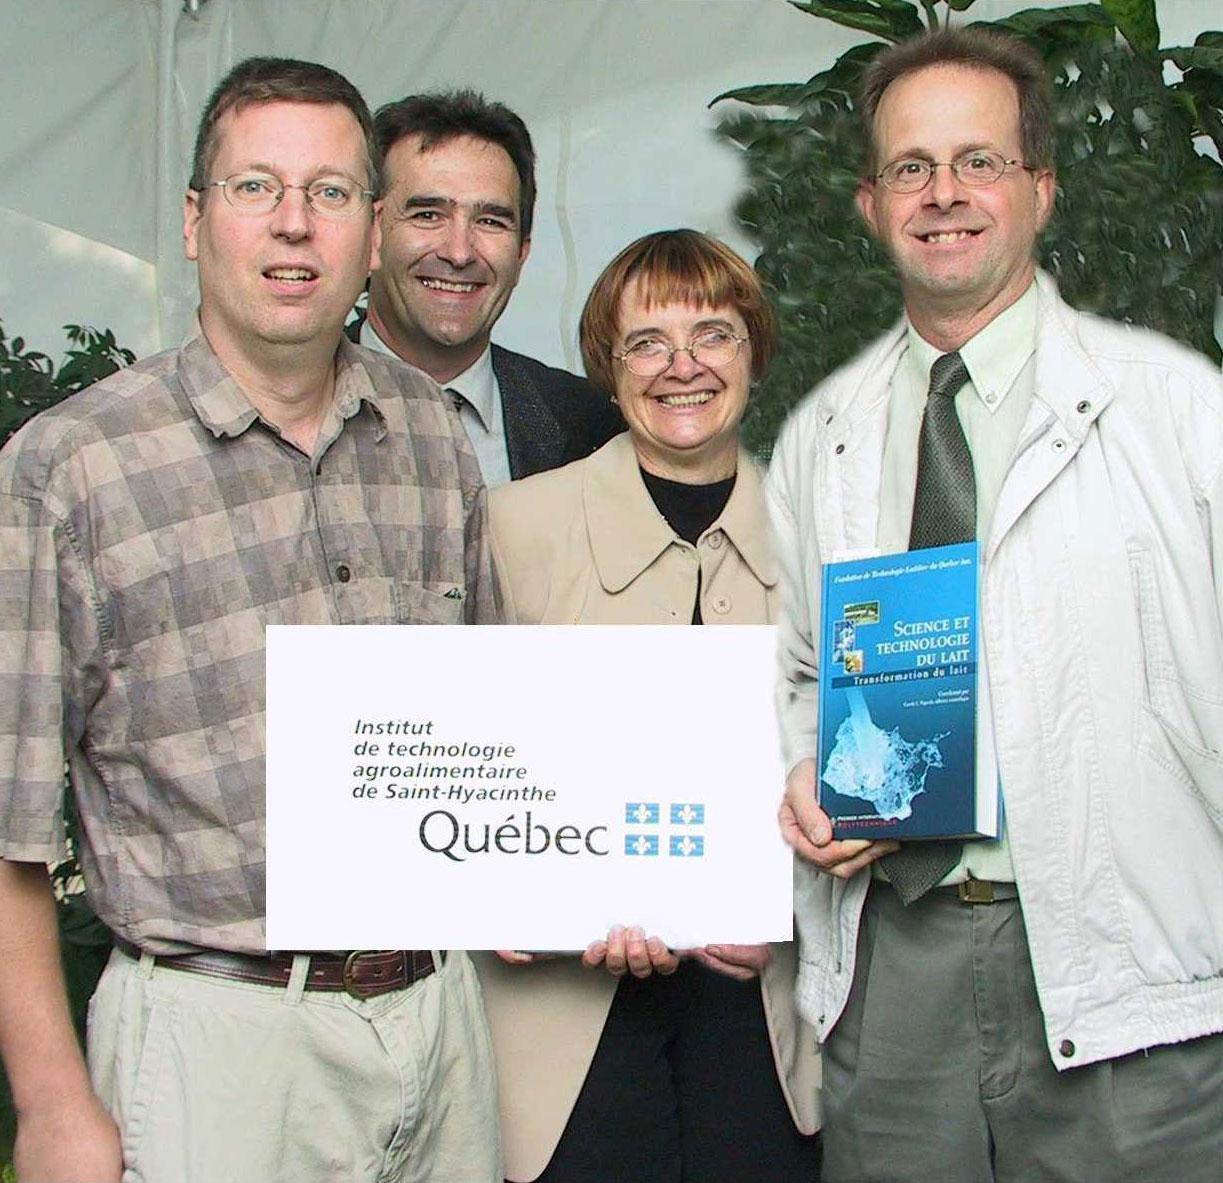 Lancement du livre Science et technologie du lait, Équipe TPQA